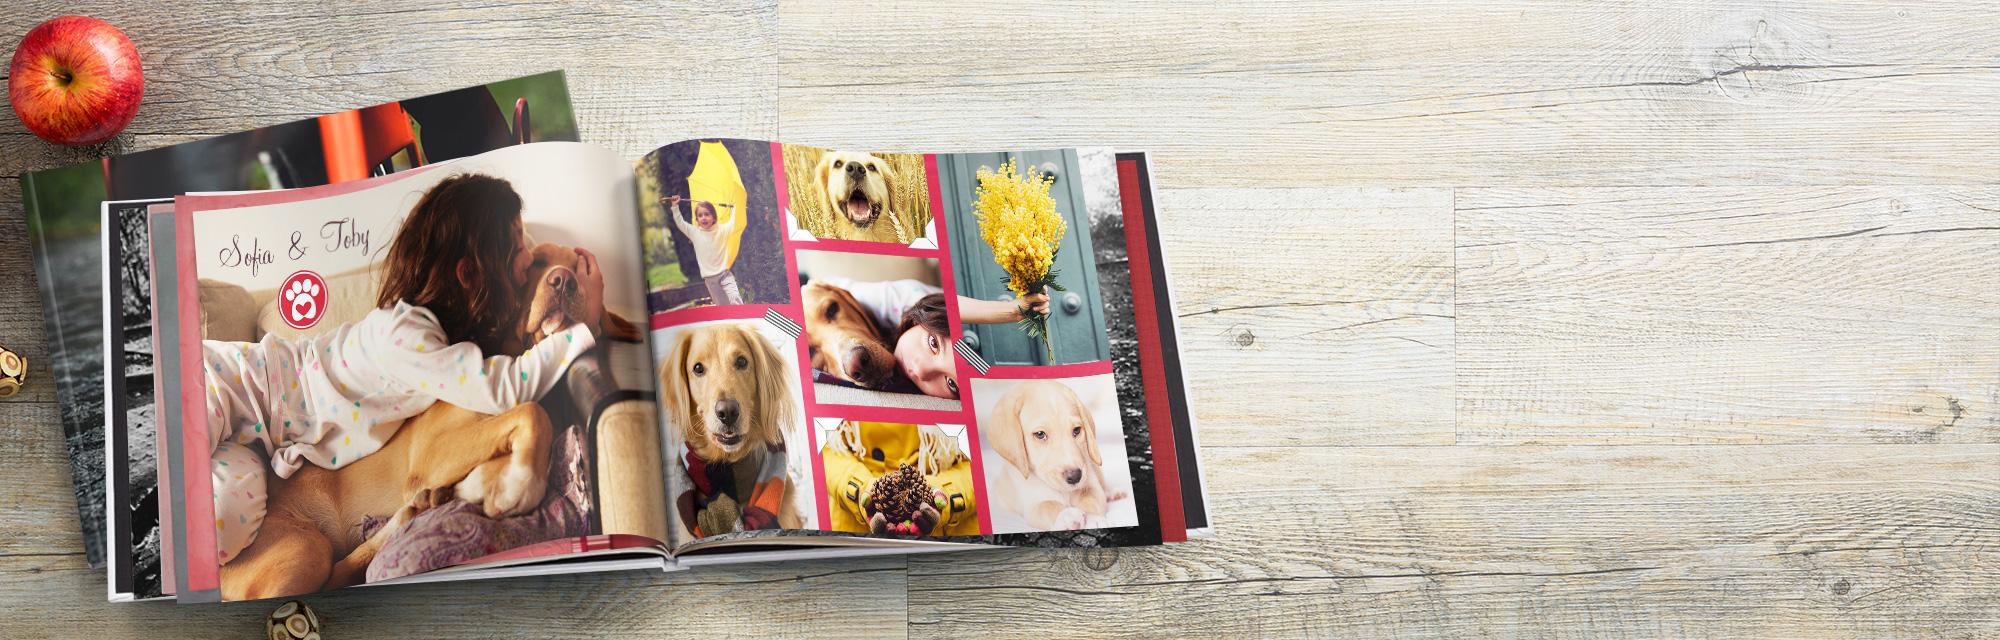 Zauberhaft : Wählen Sie ein Design und Autofill um Ihre Fotos sofort hinzuzufügen.